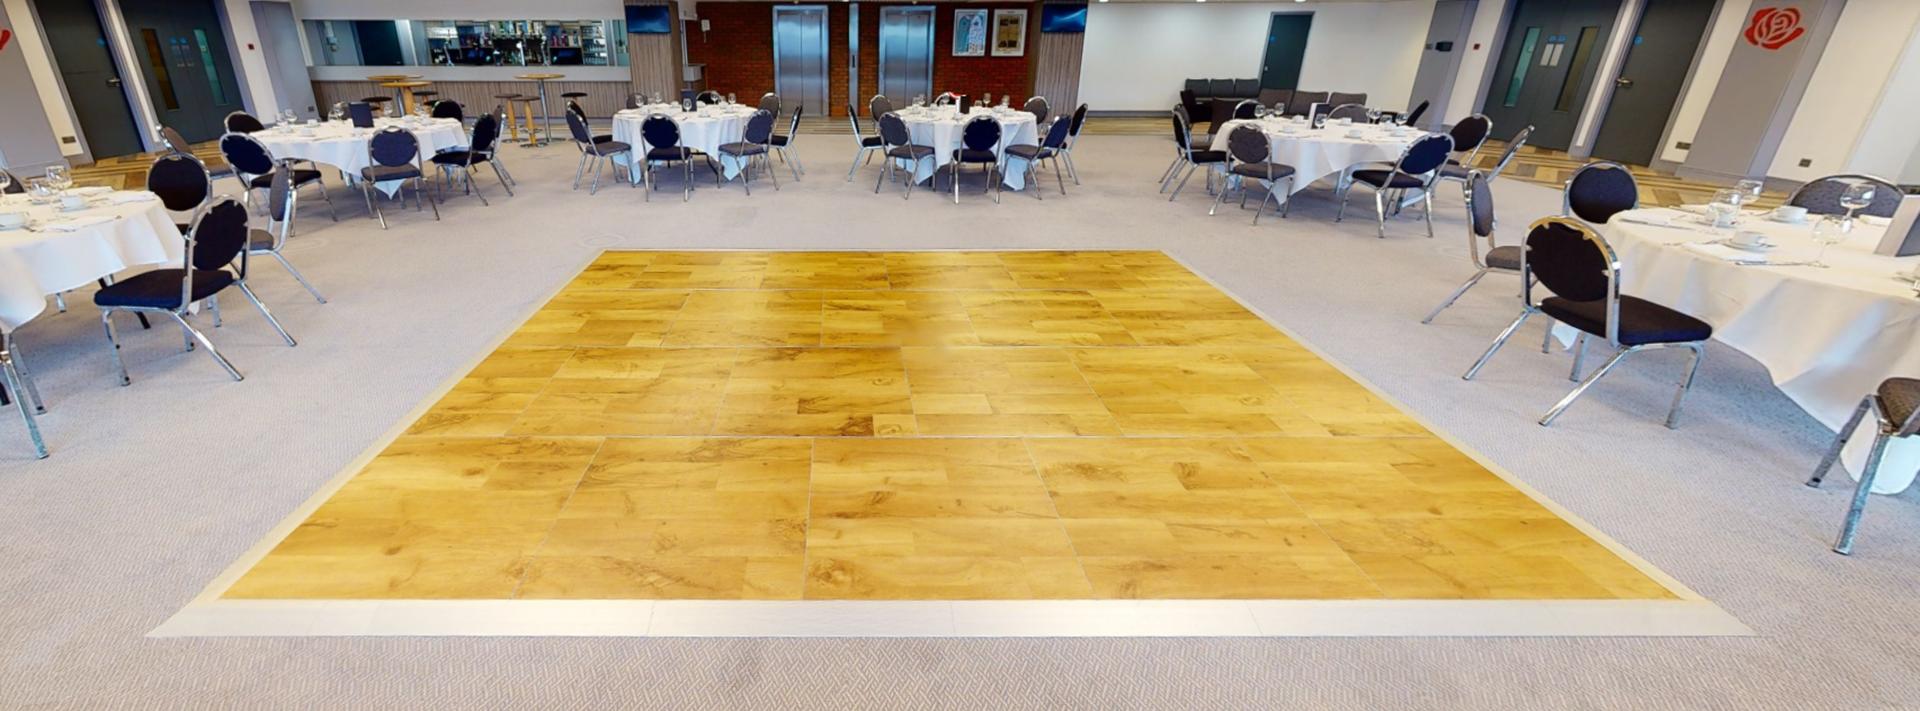 Portable Dance Floor in Blackburn Rovers